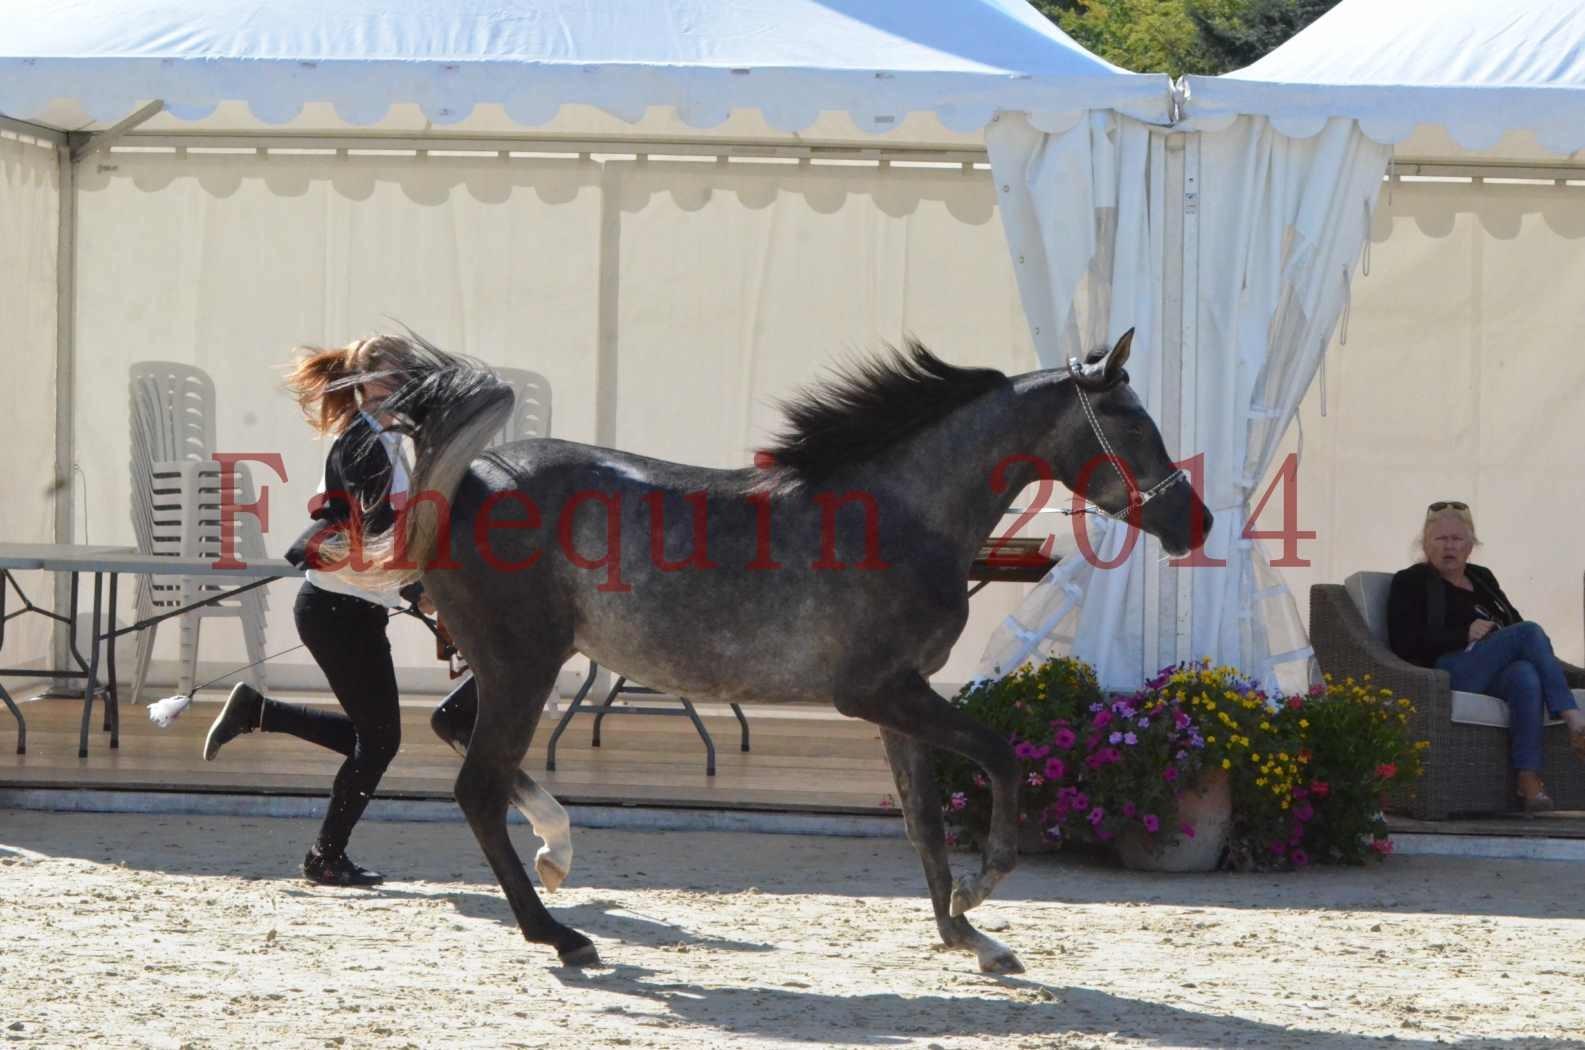 Championnat de FRANCE 2014 - Amateurs - CHTI KAID D'AUBIN - 19